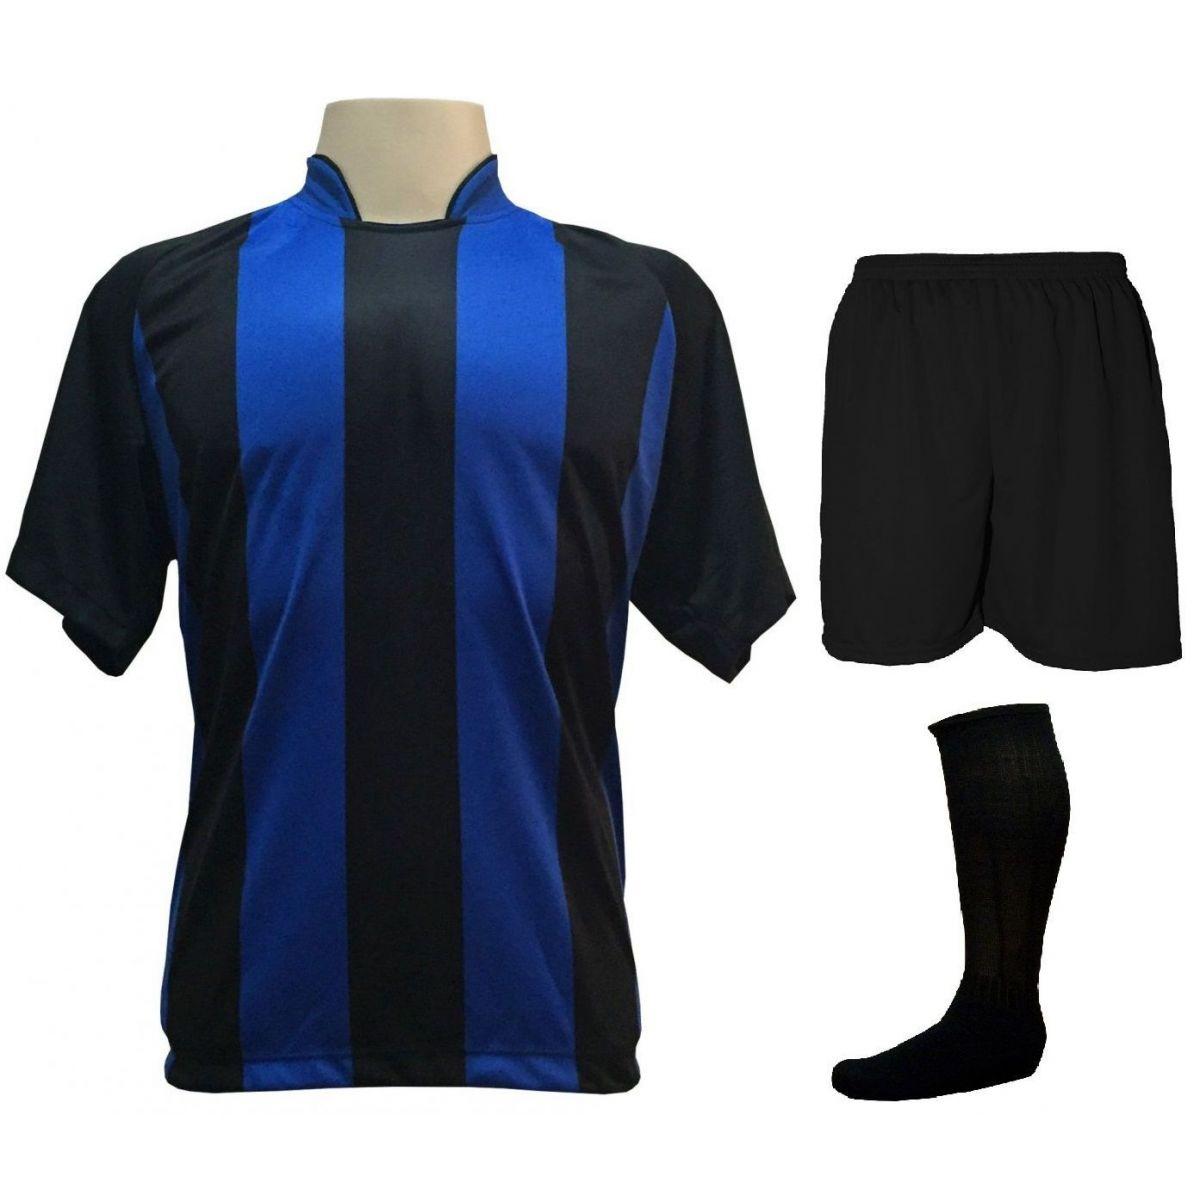 Uniforme Esportivo com 18 camisas modelo Milan Preto/Royal + 18 calções modelo Madrid Preto + 18 pares de meiões Preto   - ESTAÇÃO DO ESPORTE